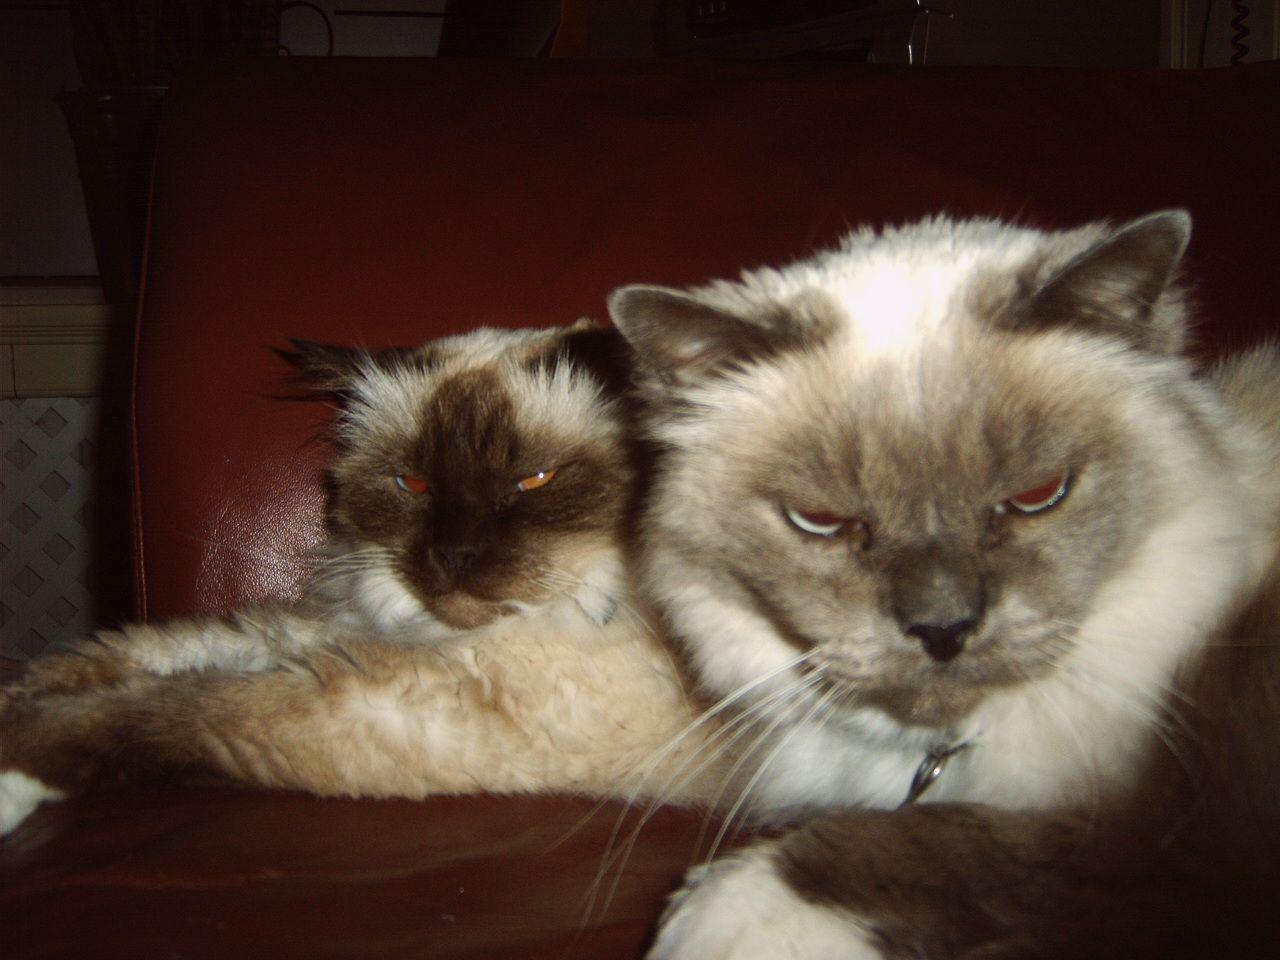 Pasja (achtergrond) en Laila, onze heilige birmanen. Helaas zijn deze lieve katten niet meer.